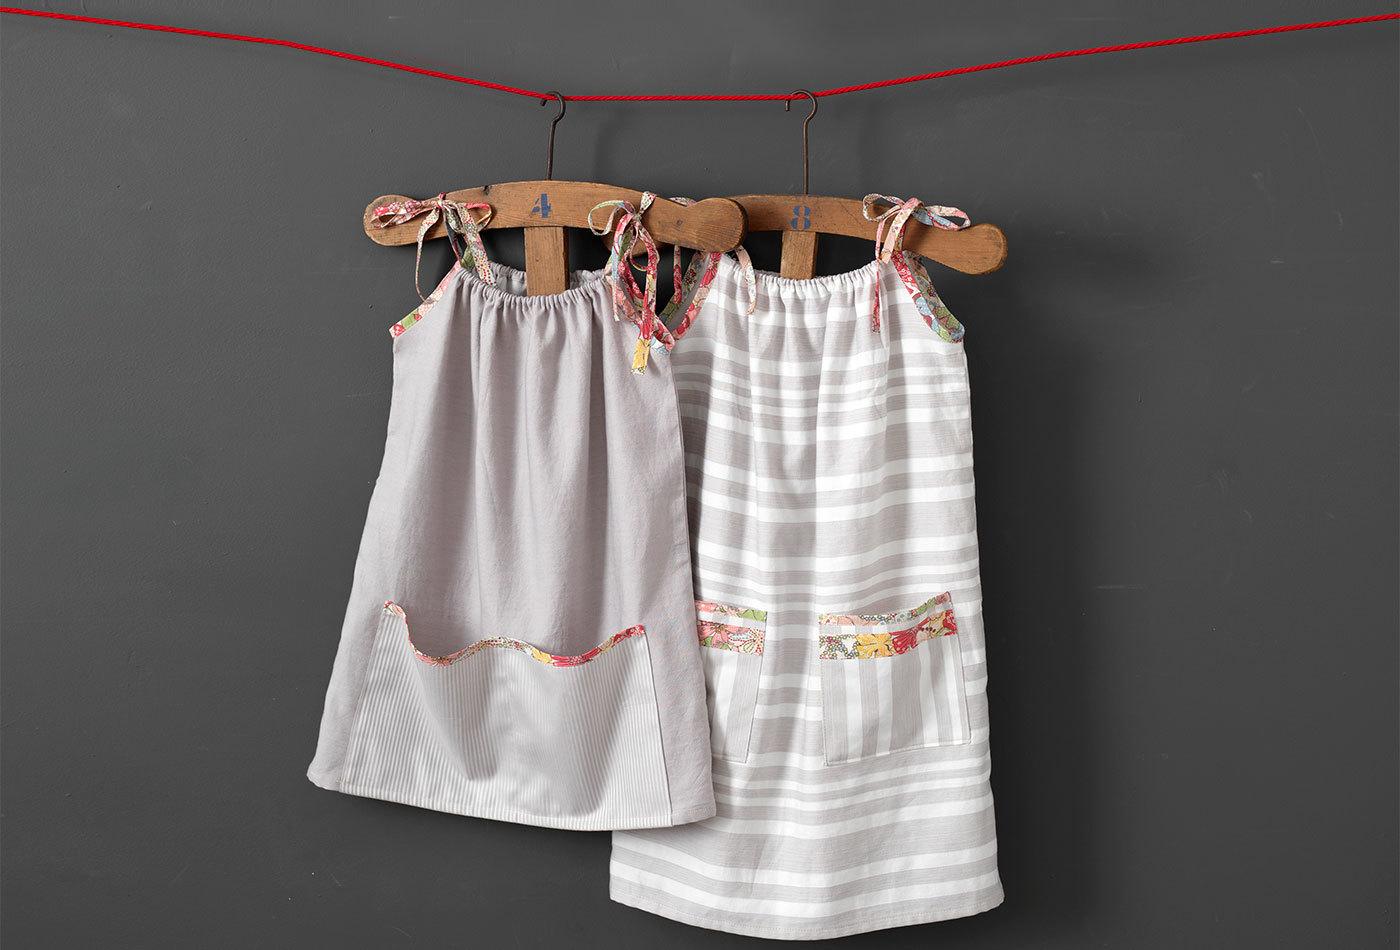 all_about_little_dresses.jpg#asset:6152